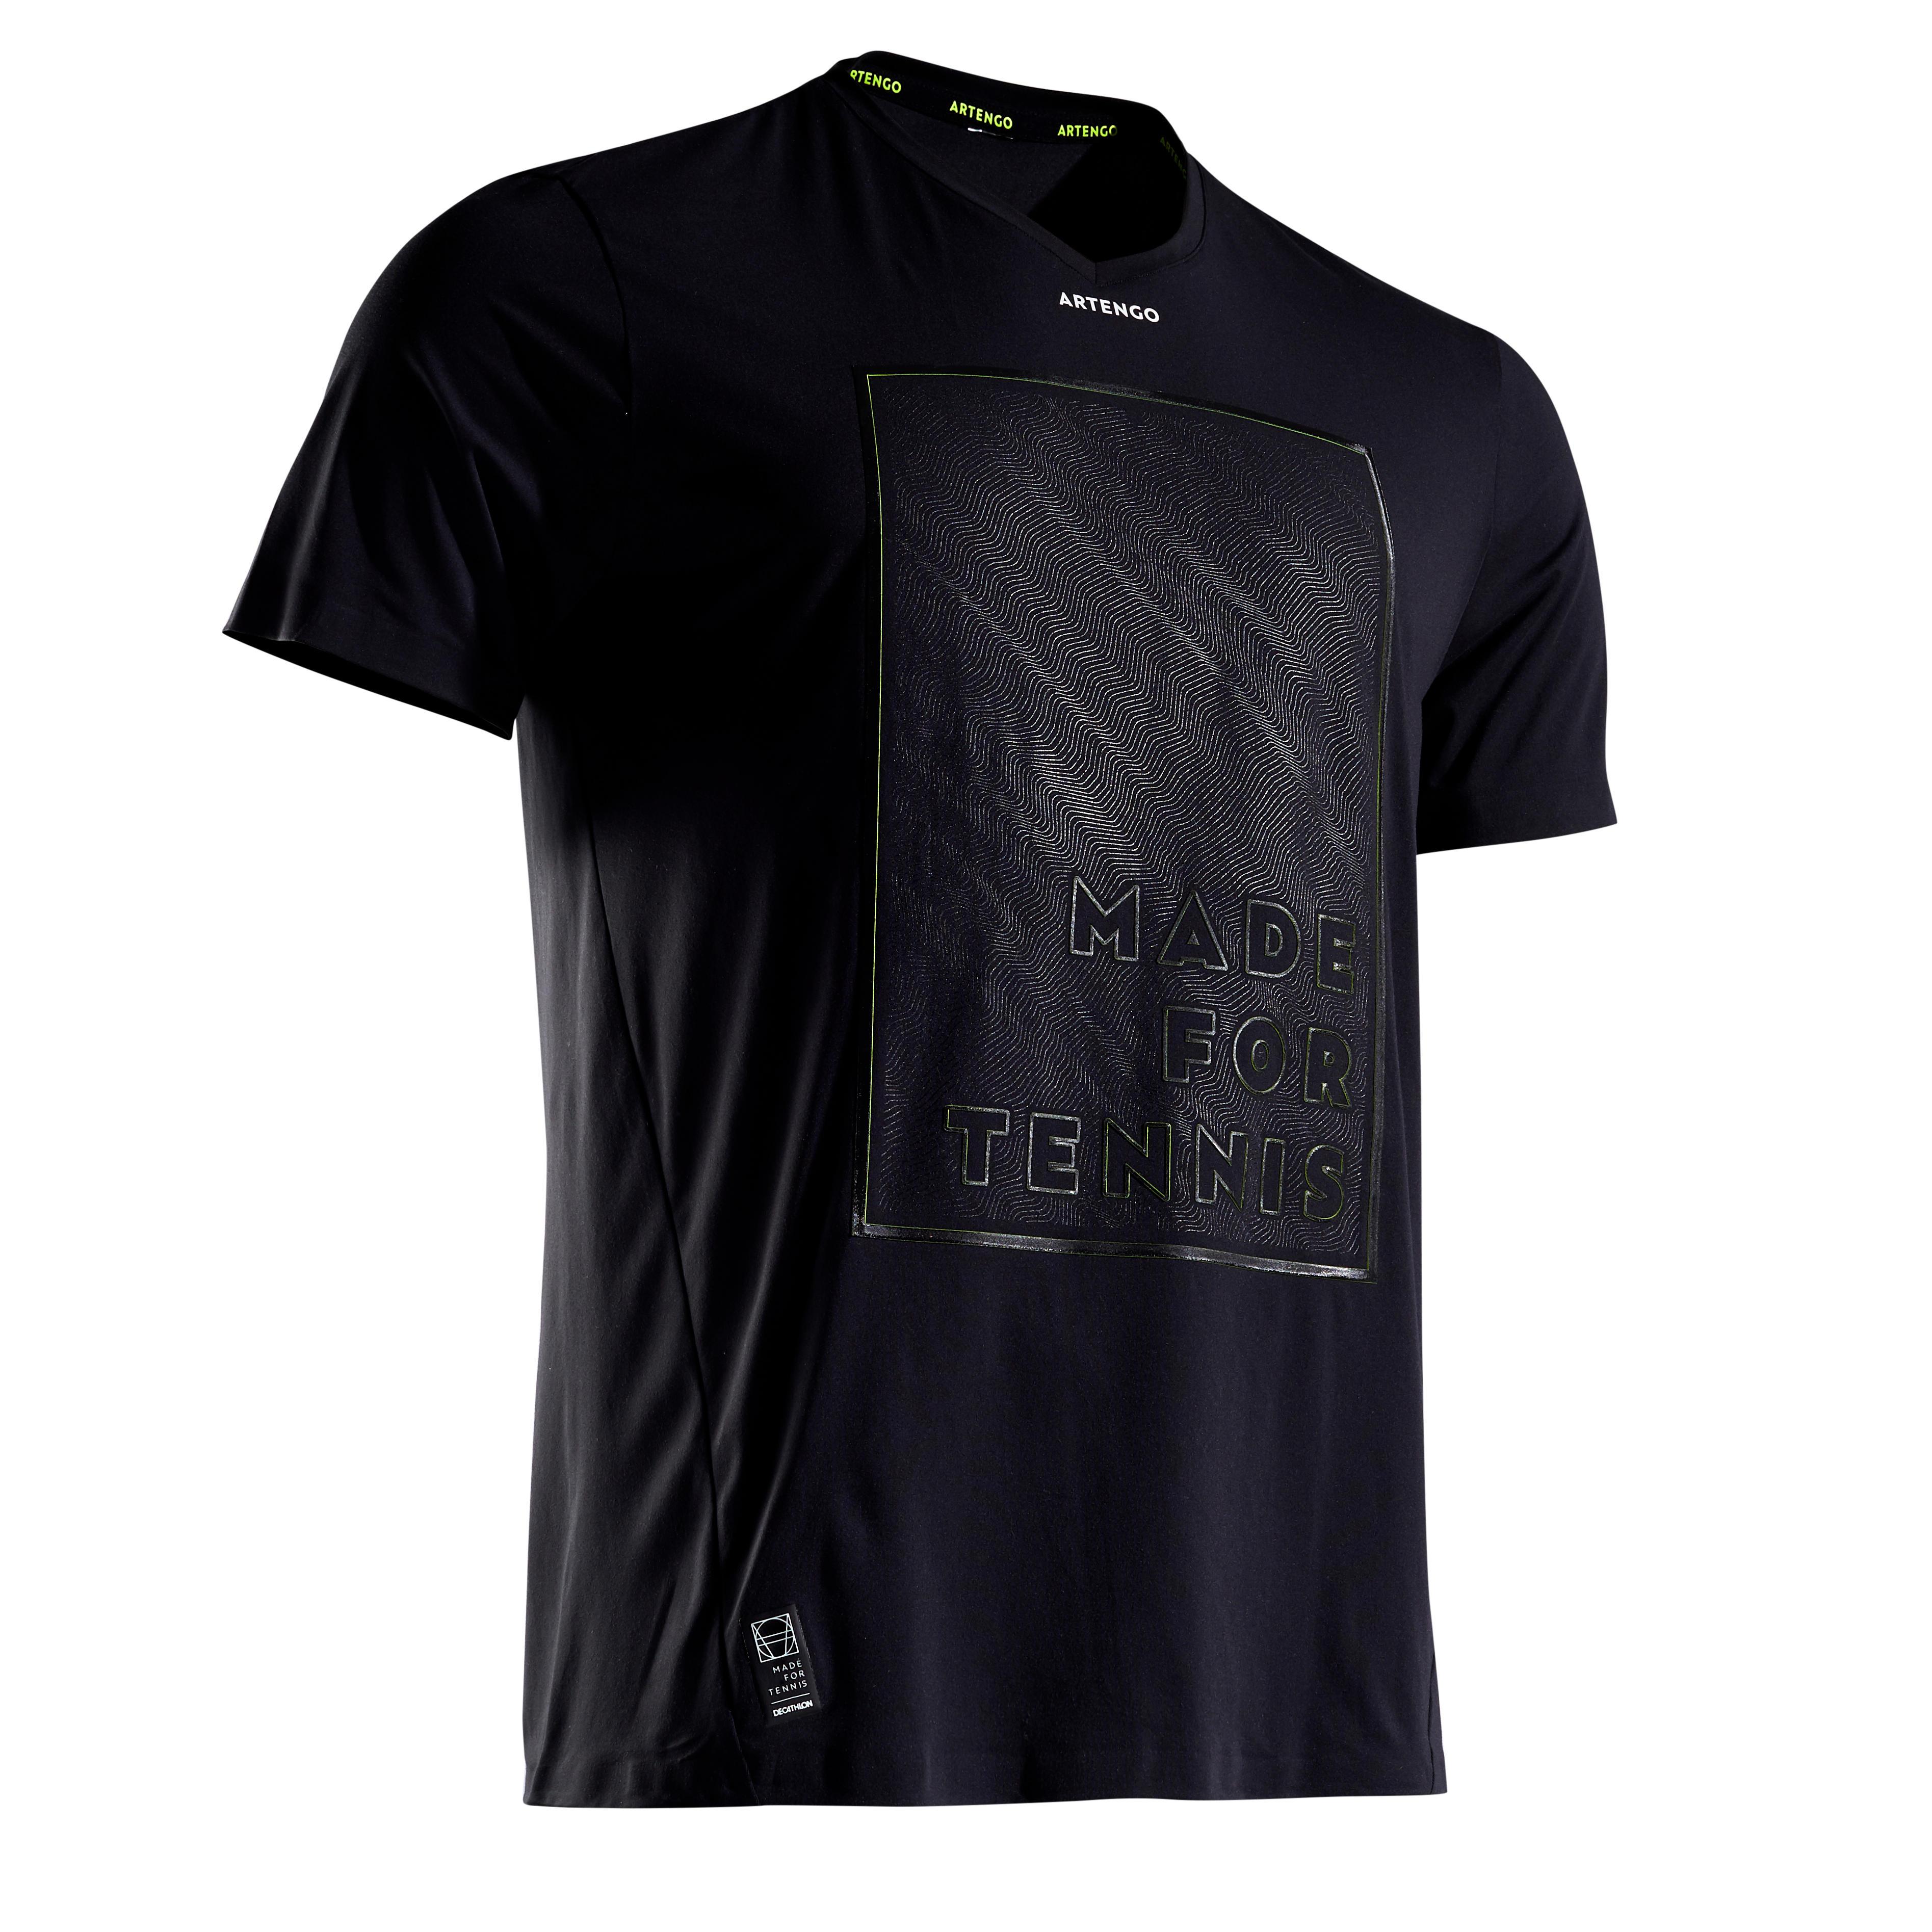 Tennisshirt 900 Herren Light 900 schwarz/gelb | Sportbekleidung > Sportshirts > Tennisshirts | Artengo